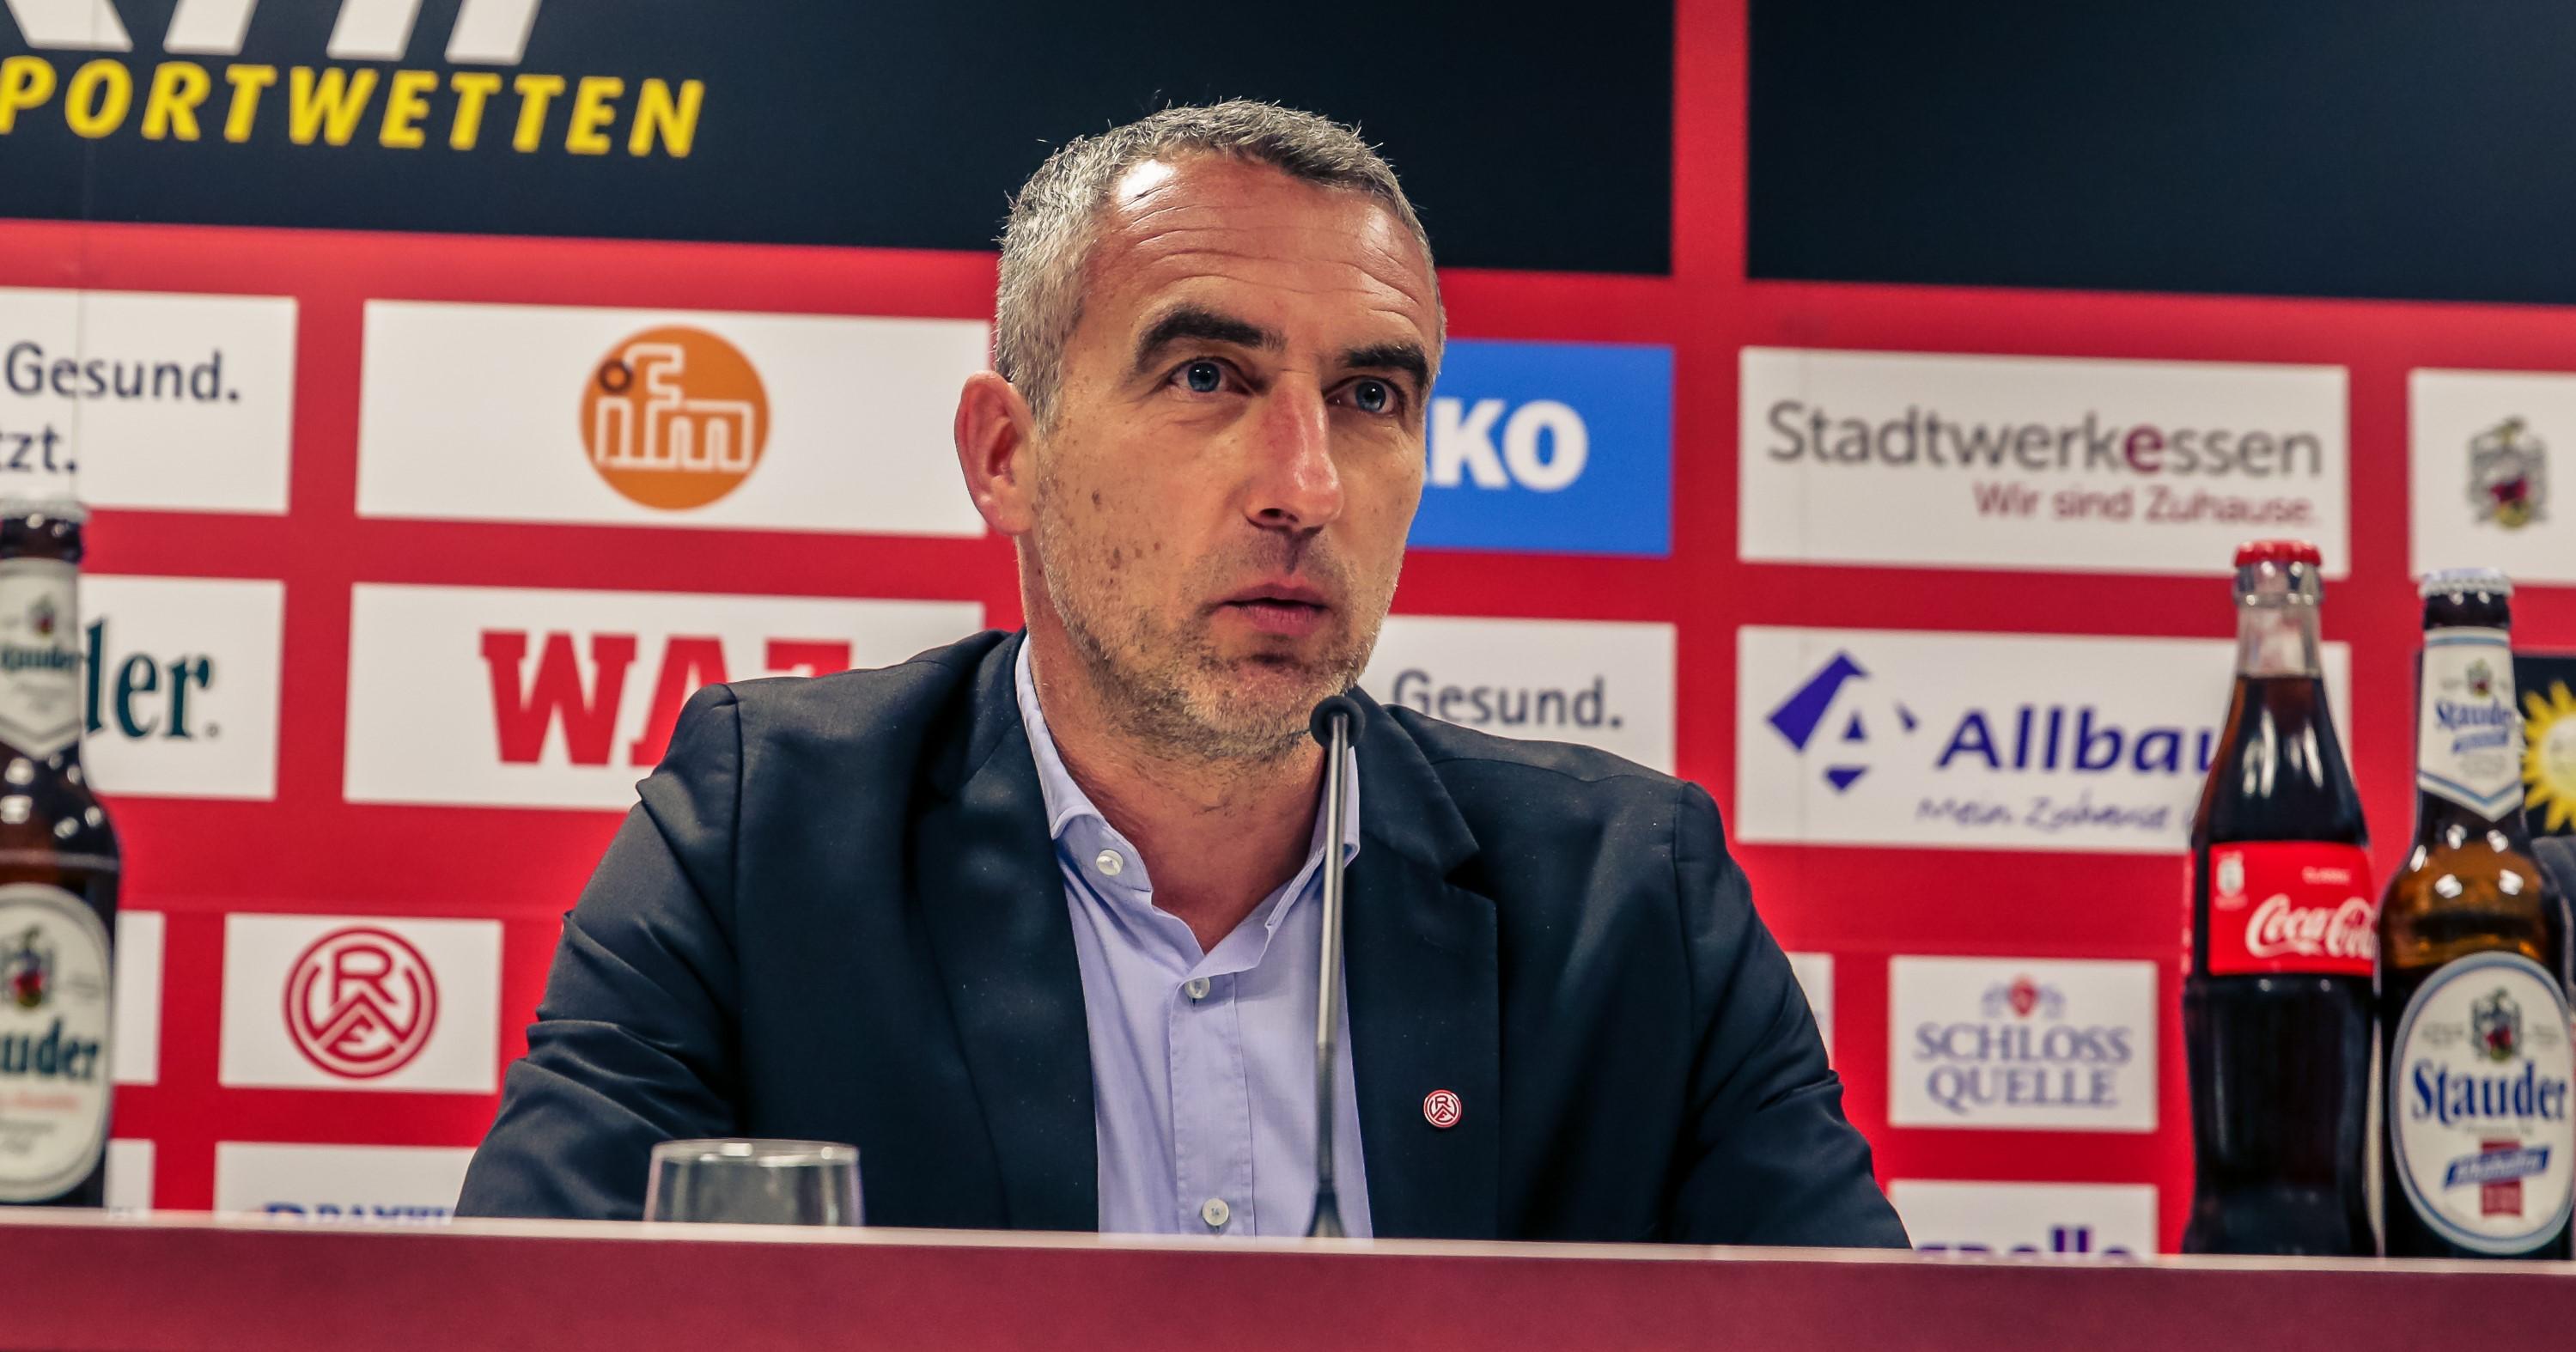 Das neue Vorstandsmitglied Marcus Uhlig hat eine rot-weisse Vergangenheit. (Foto: Endberg)